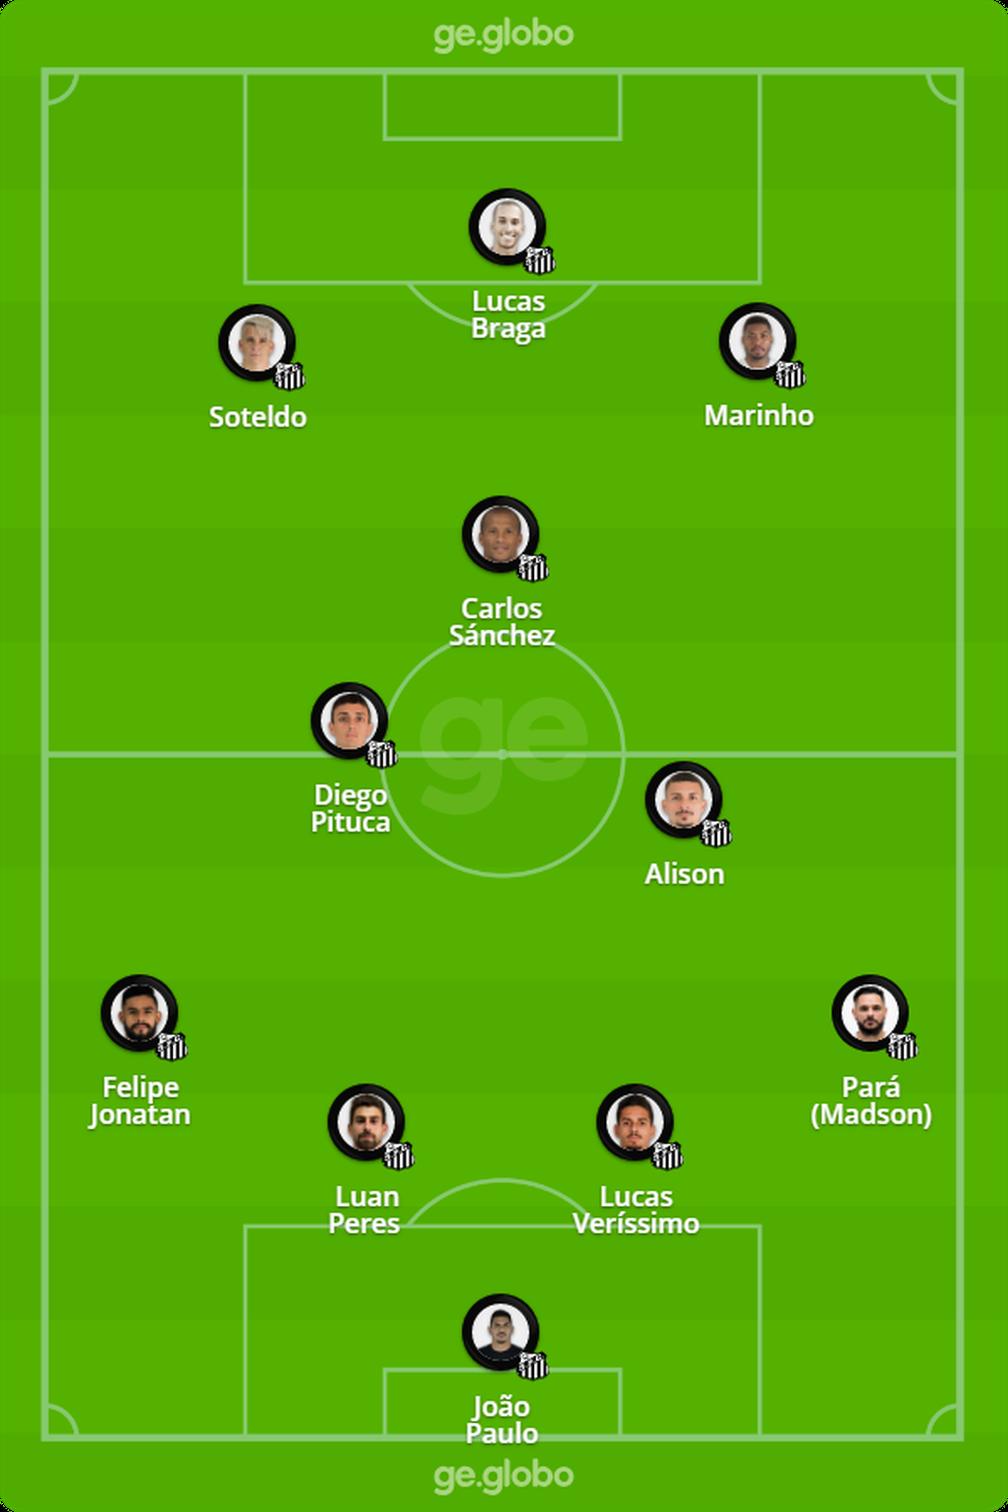 Provável escalação do Santos para jogo contra o Olimpia — Foto: ge